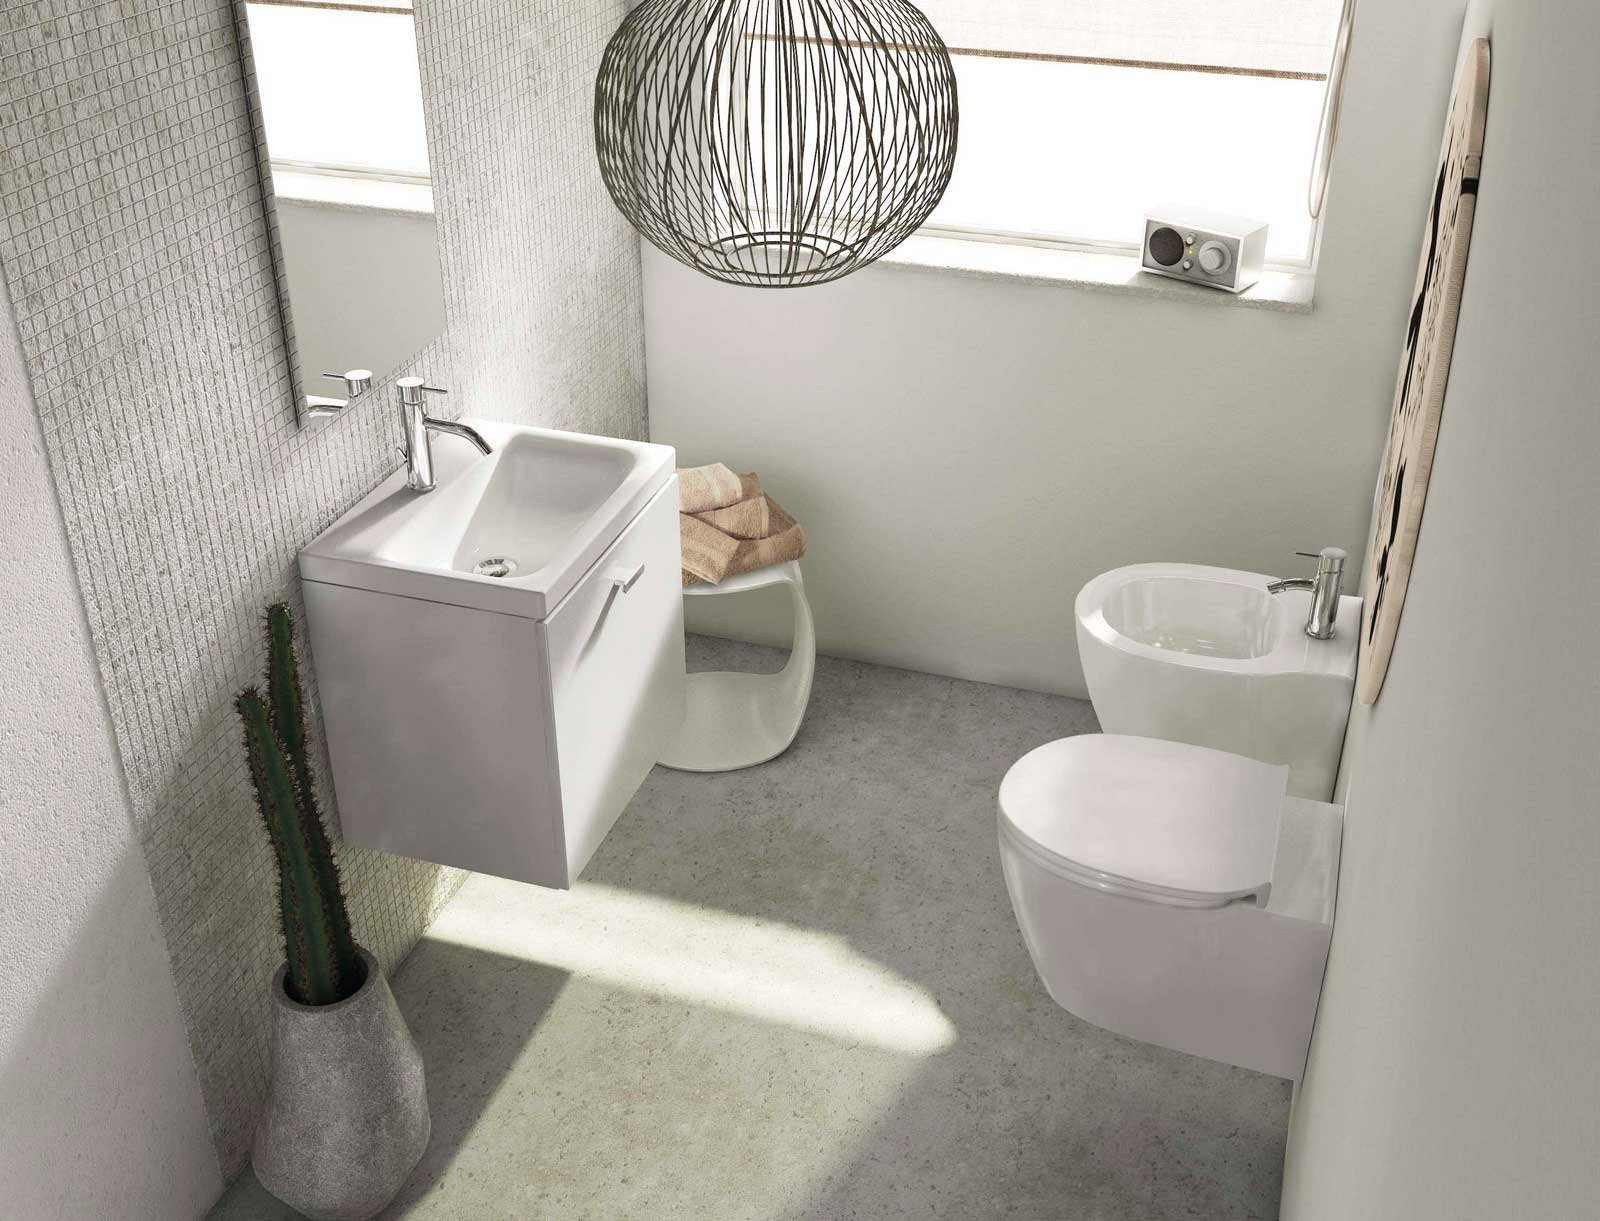 Mobili lavabo piccoli per risparmiare centimetri preziosi for Piccoli piani di casa espandibili